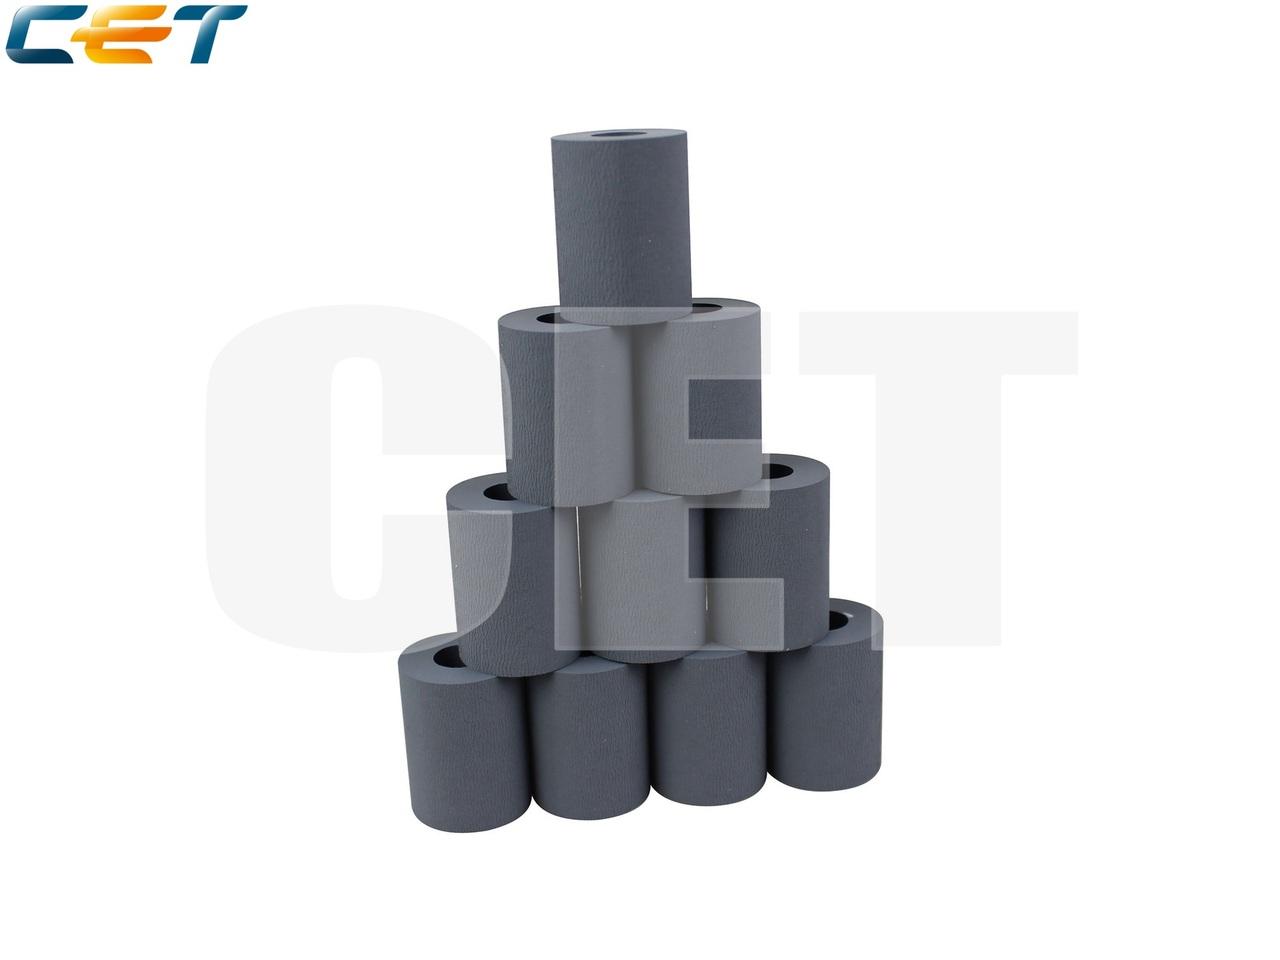 Резинка ролика подхвата/подачи/отделения 022N02232 дляSAMSUNG SCX-6545N/6555N (CET), CET7911